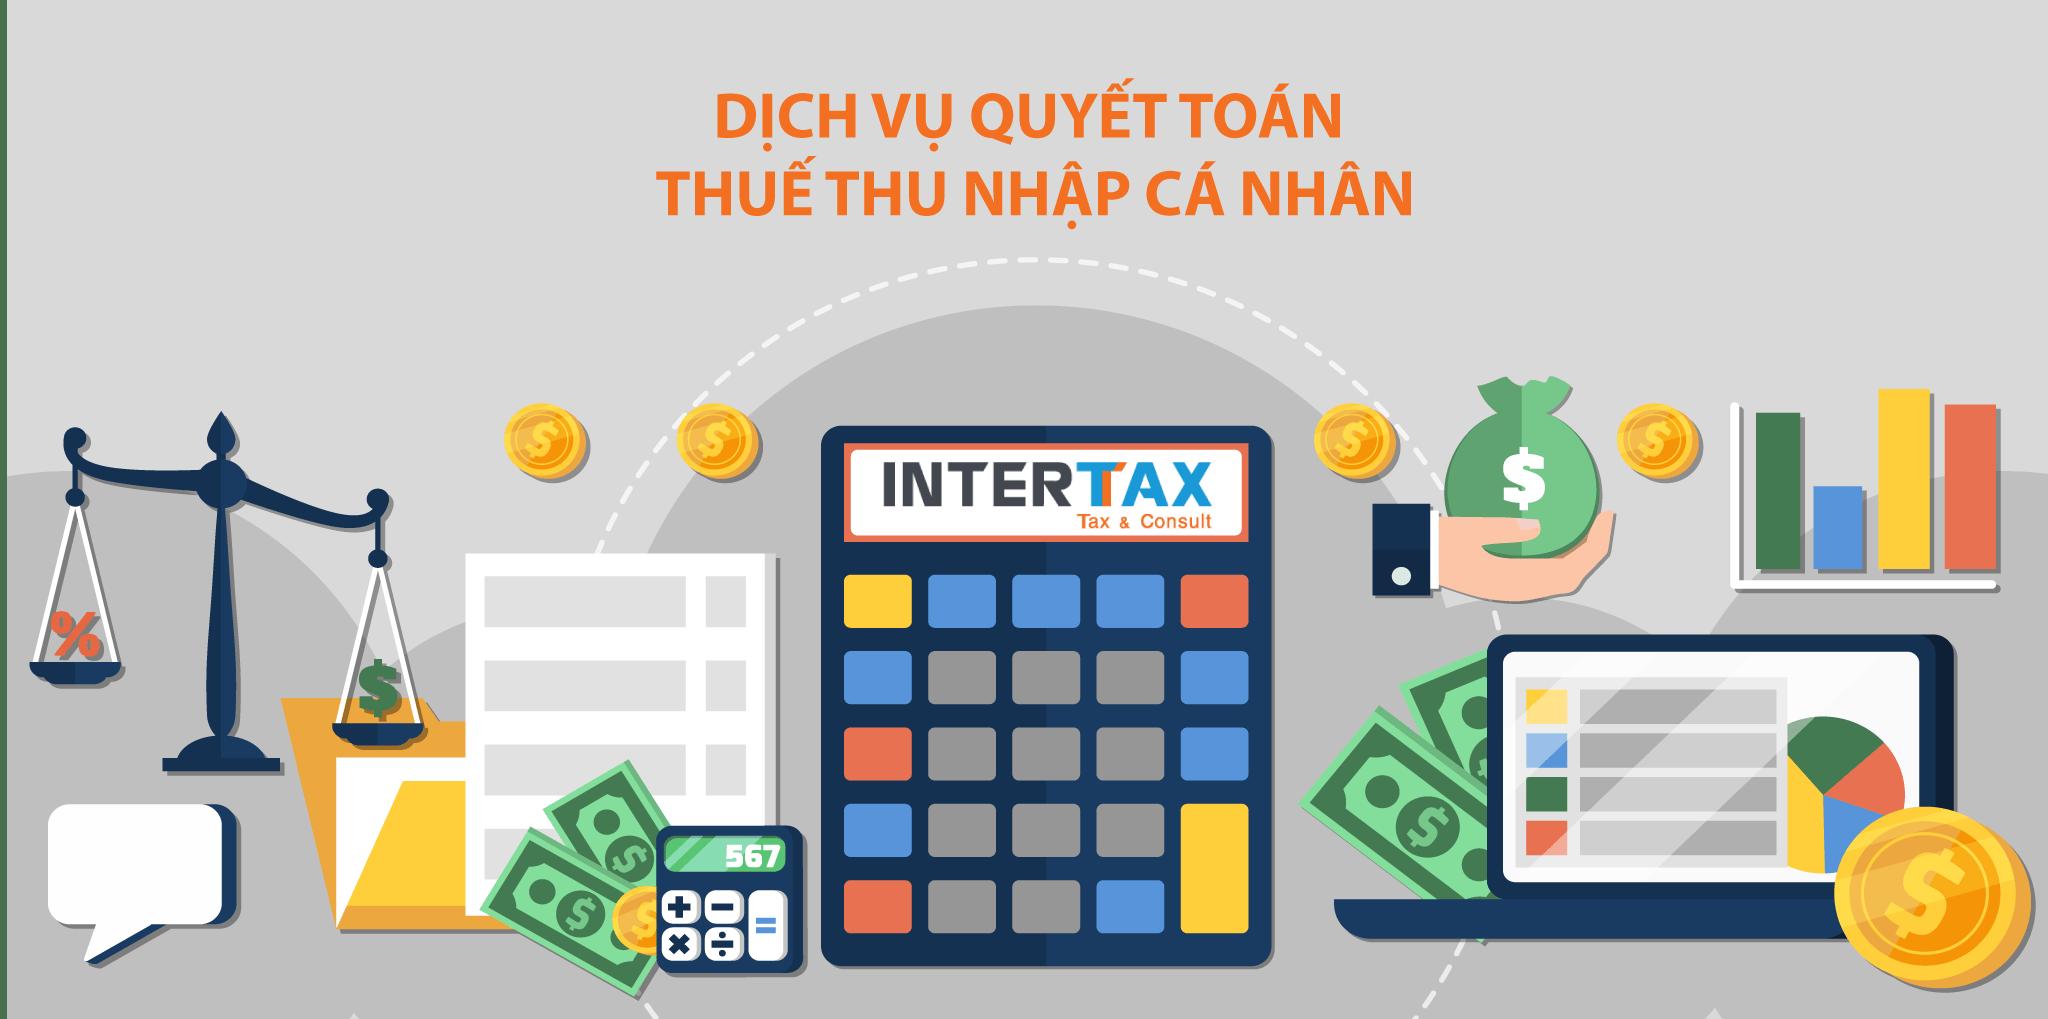 23 câu hỏi về quyết toán thuế thu nhập cá nhân năm 2018 1 - INTERTAX